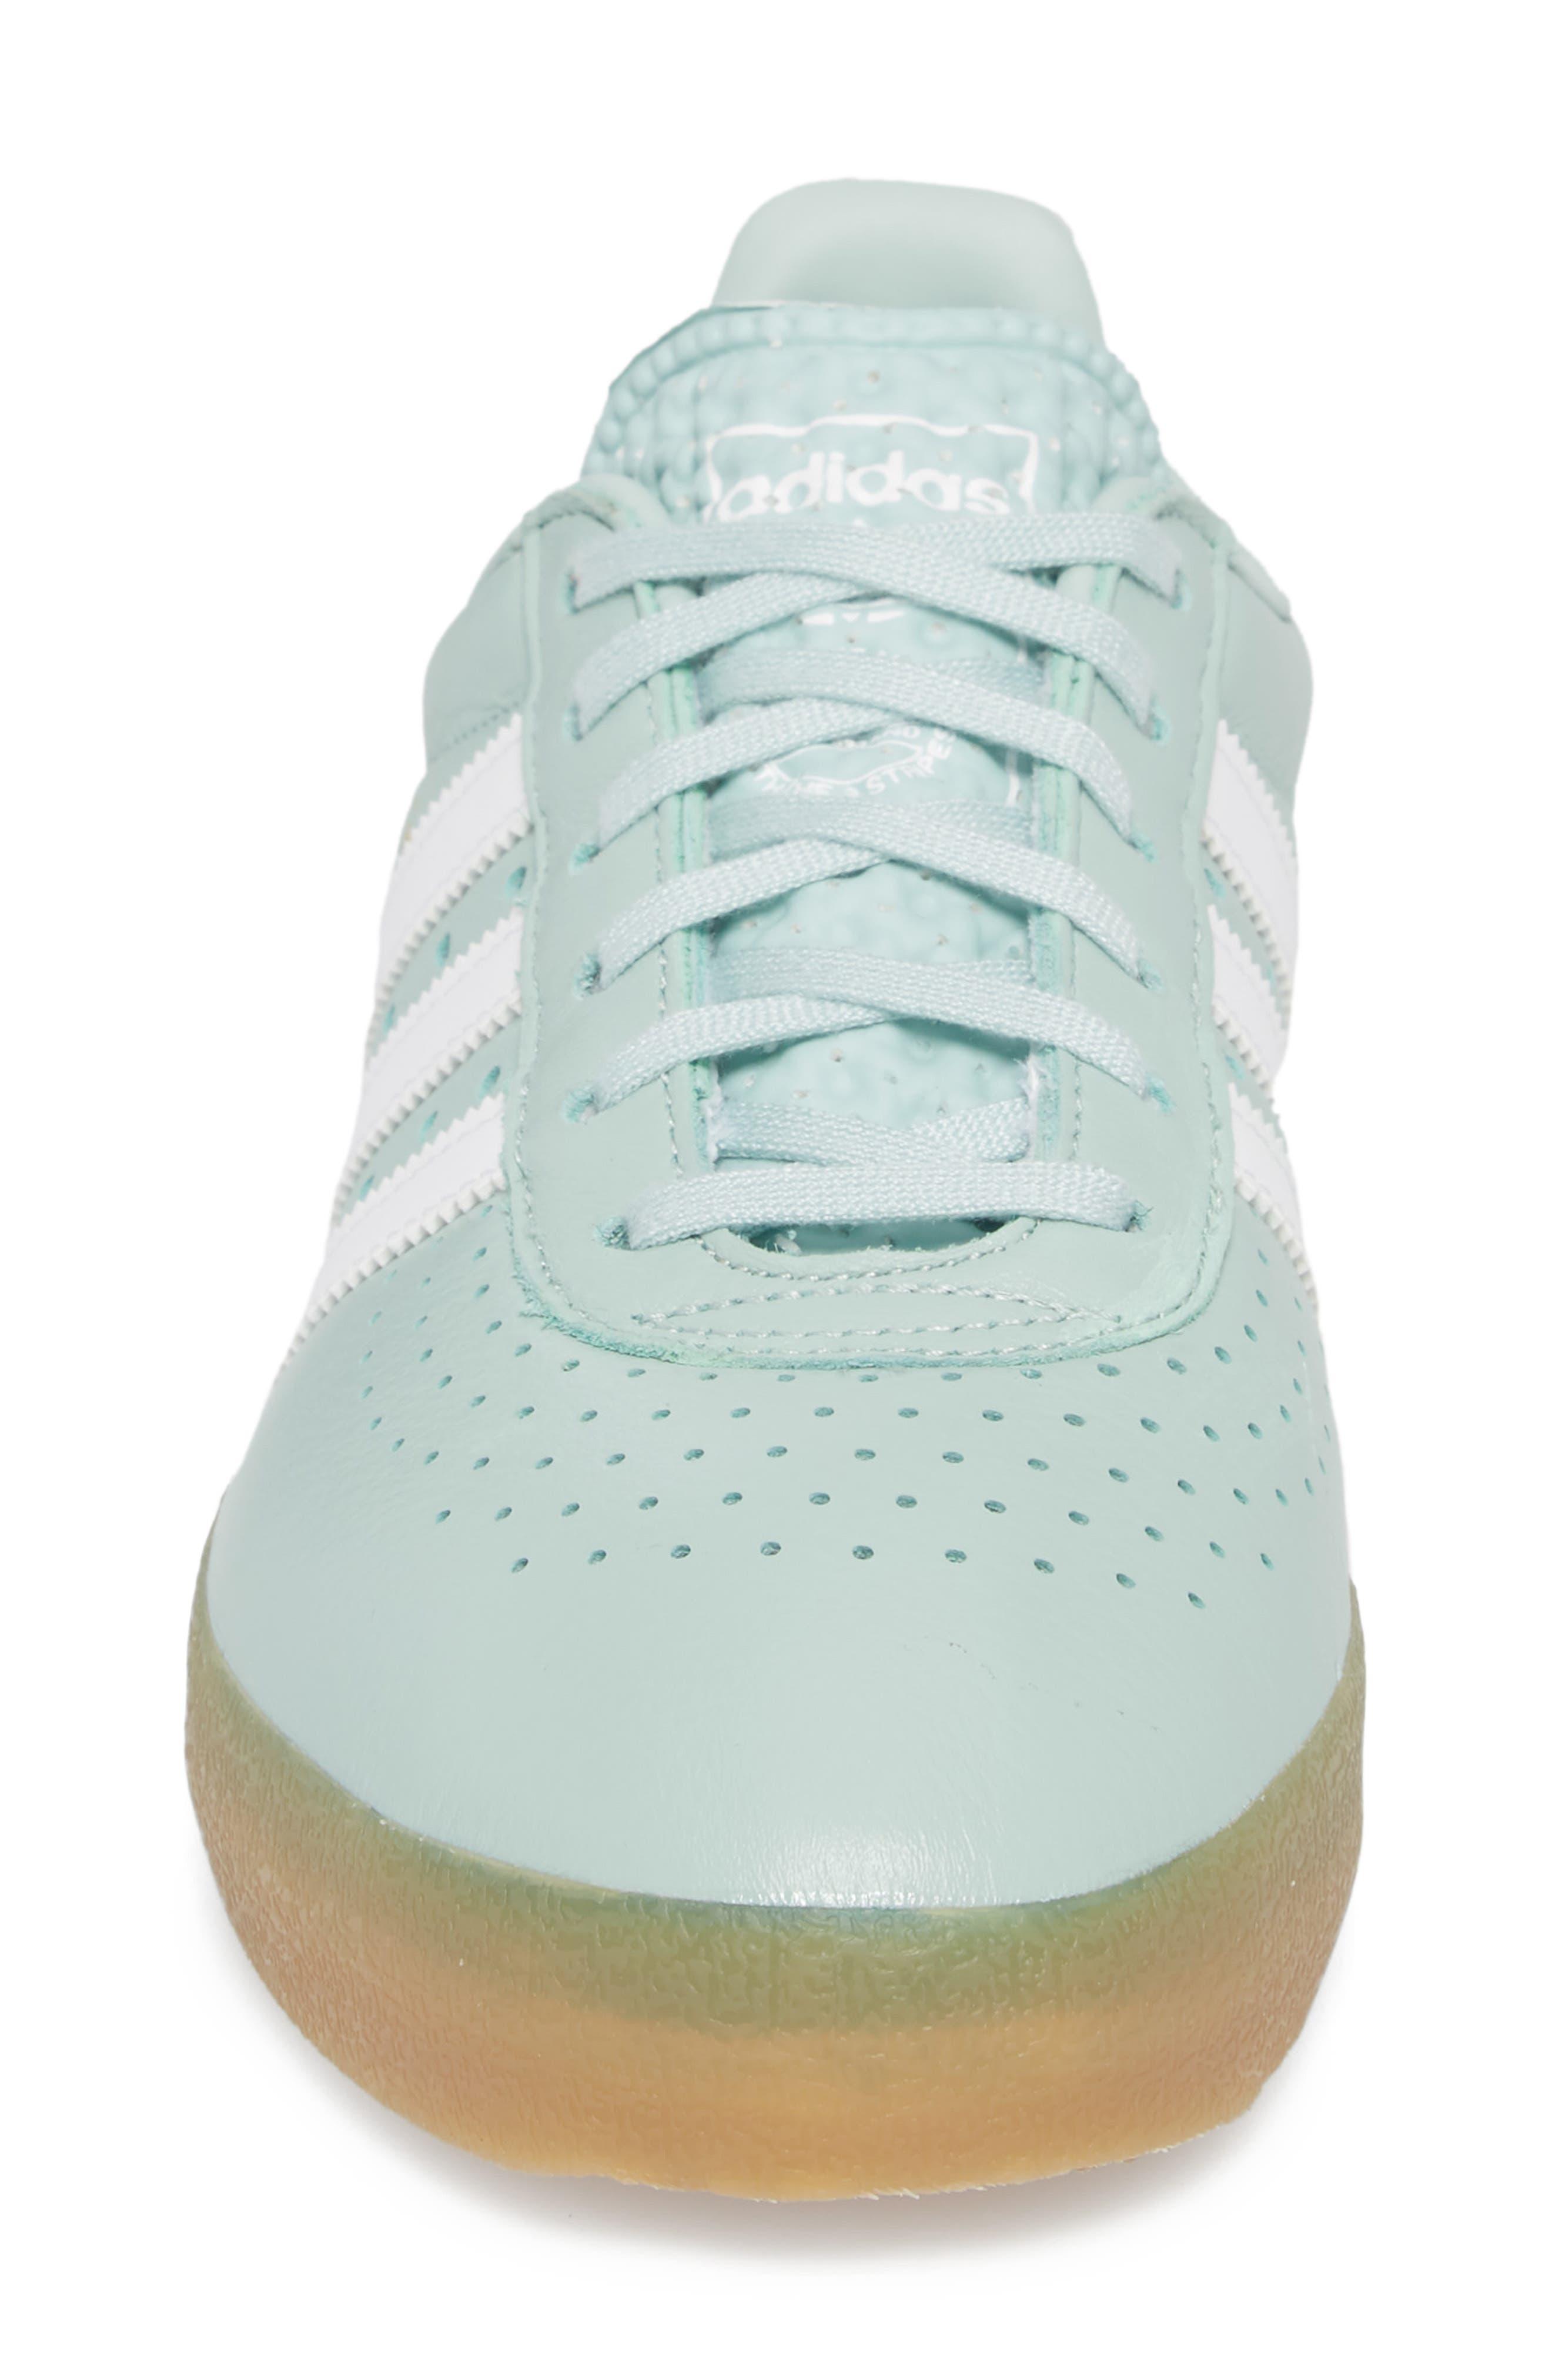 350 Sneaker,                             Alternate thumbnail 4, color,                             Ash Green/ White/ Gum